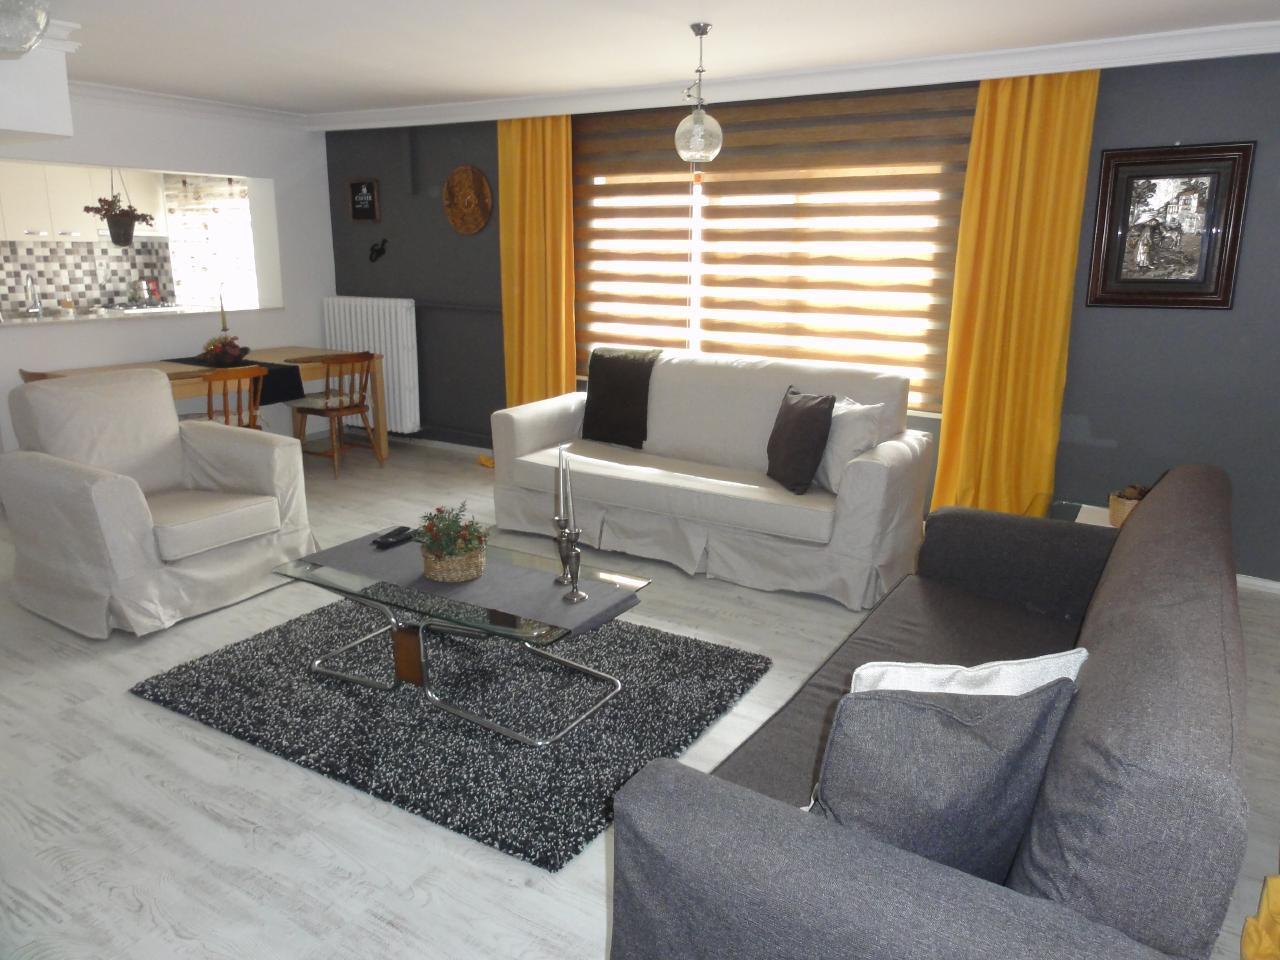 Ferienwohnung Evodak Apartment D 2 (1710501), Balgat, , Zentralanatolien, Türkei, Bild 10